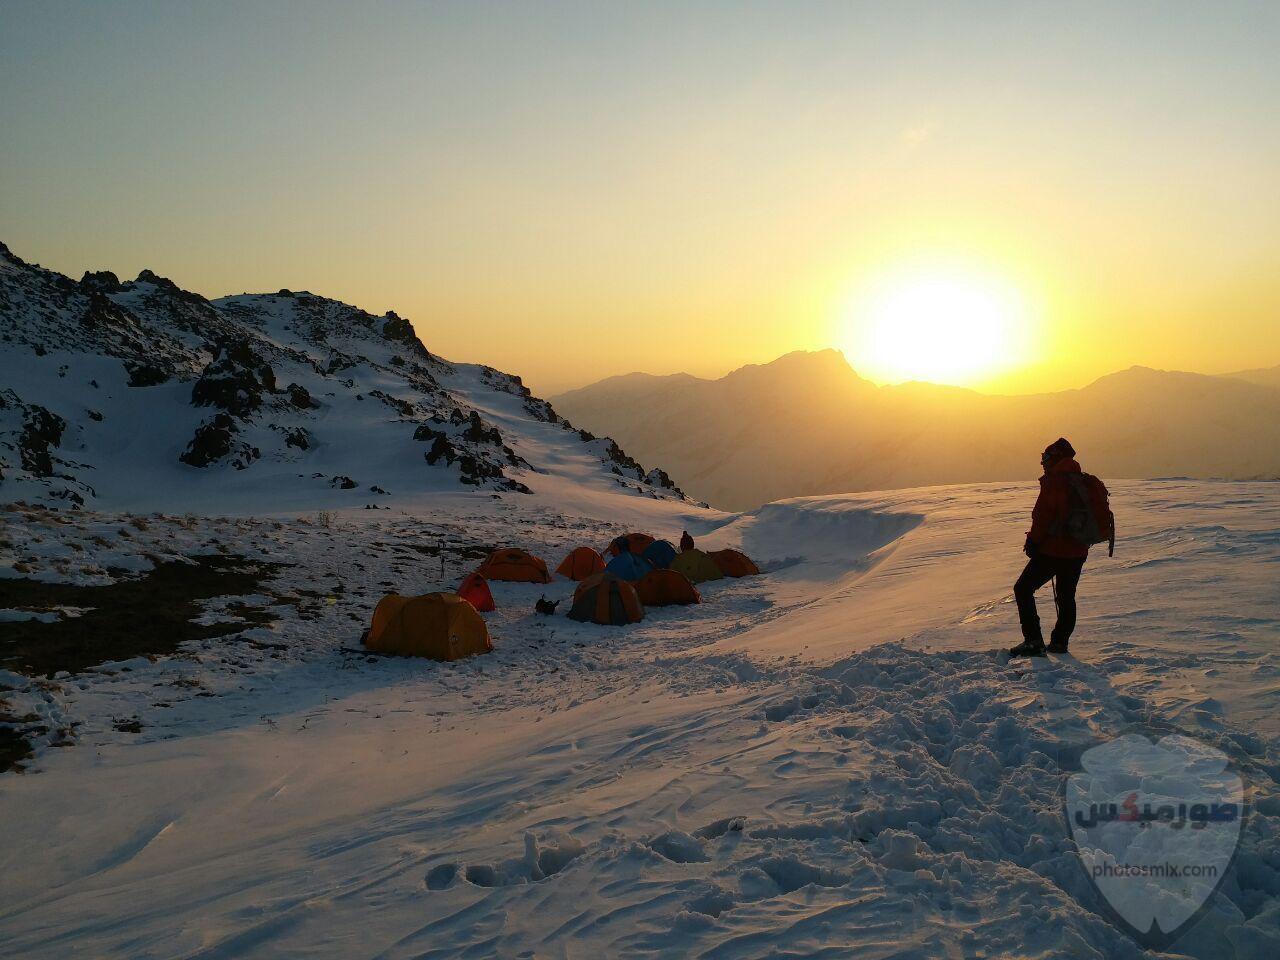 أجمل 100 صورة التقطت لجبال الألب في 2020 8